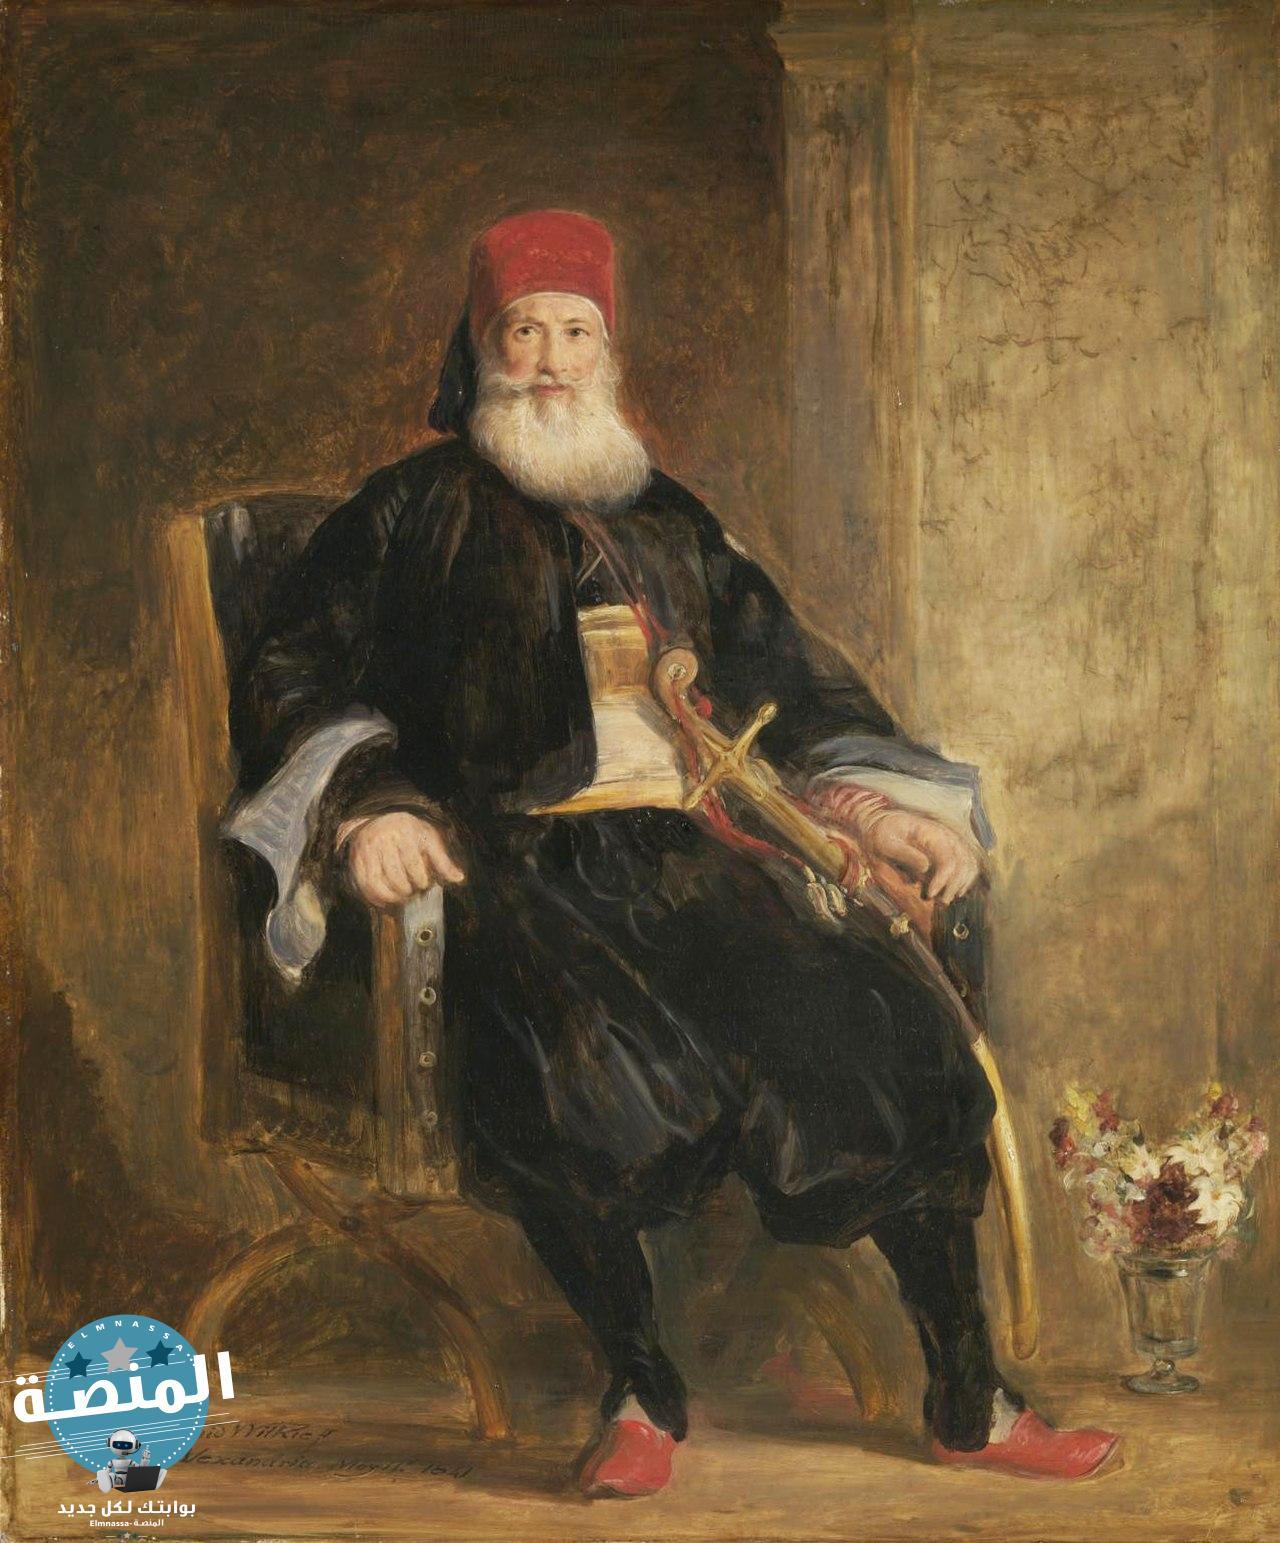 وصول محمد علي باشا الكبير الي حكم مصر